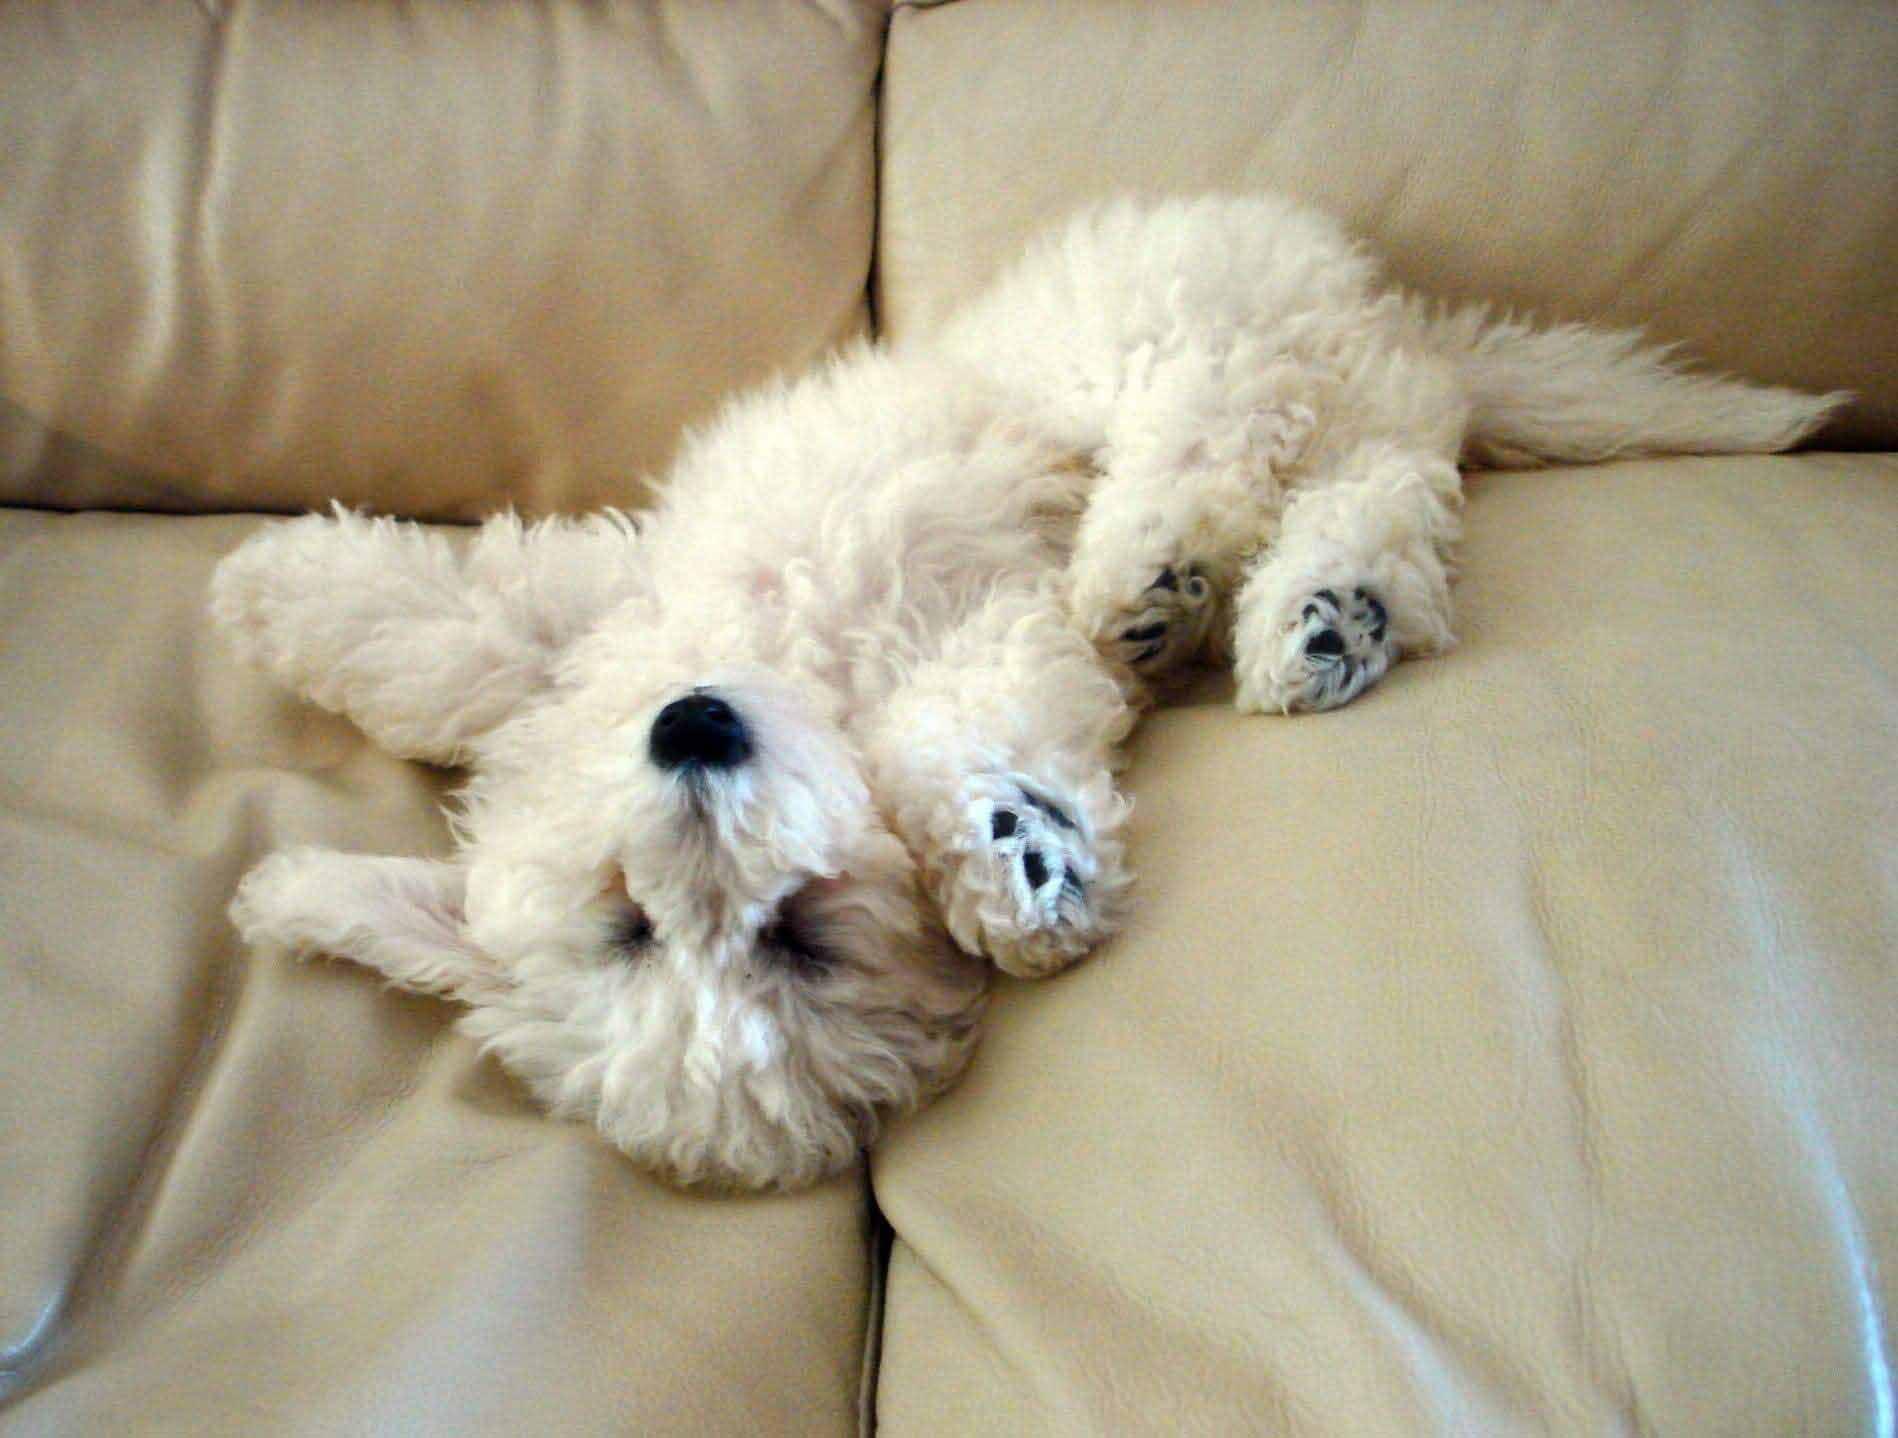 Ако имам късмет и никой не седне на дивана, ще се изтегна там аз и ще потъна в меките му дебри. Ех, колко хубав може да бъде животът!